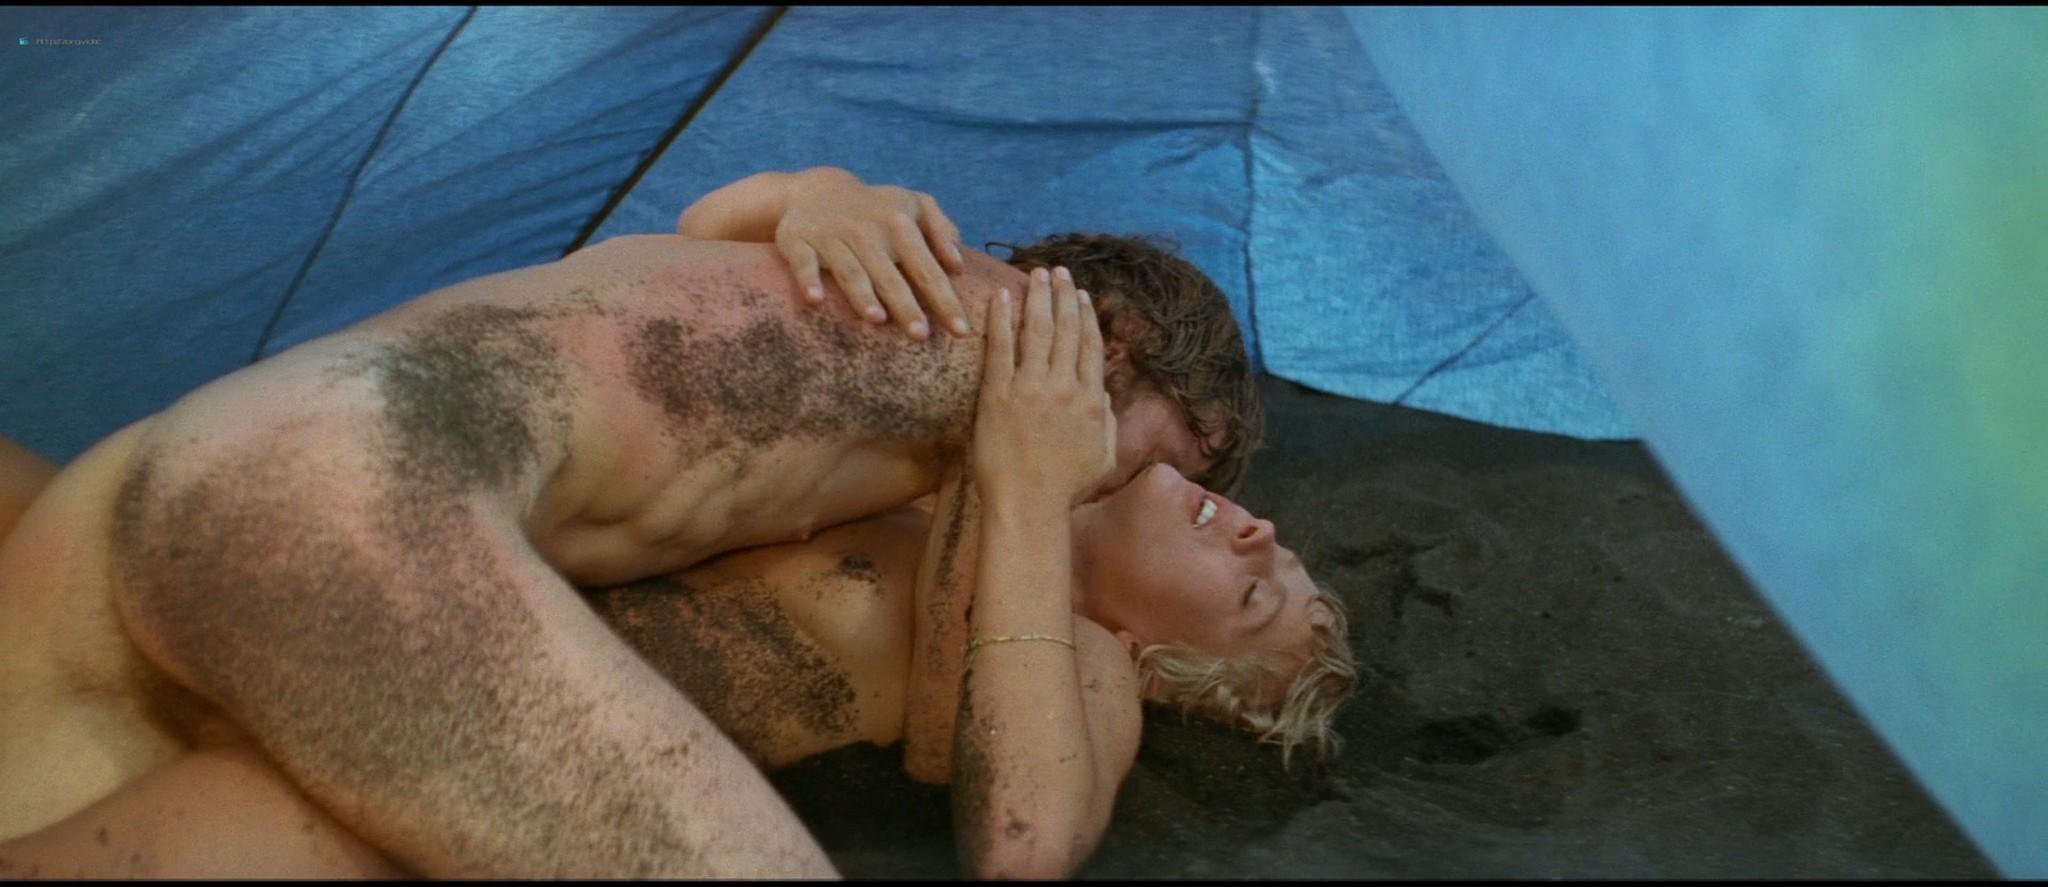 Mimsy Farmer nude full frontal - La Route de Salina (1970) HD 1080p Bluray (9)